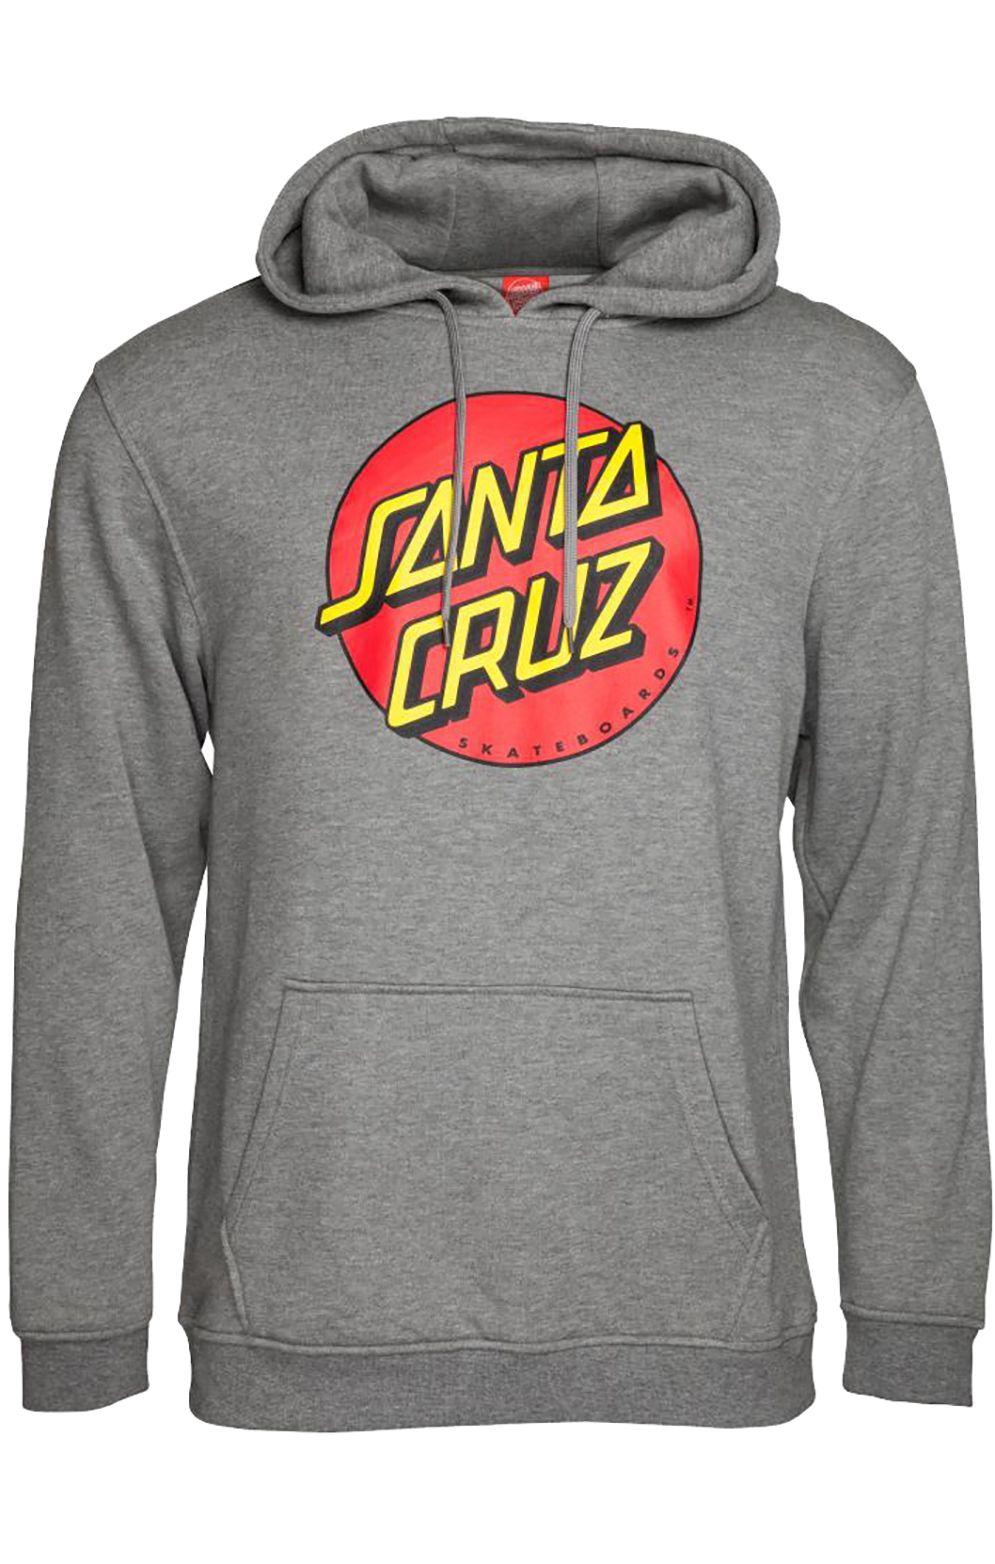 Sweat Capuz Santa Cruz CLASSIC DOT Dark Heather